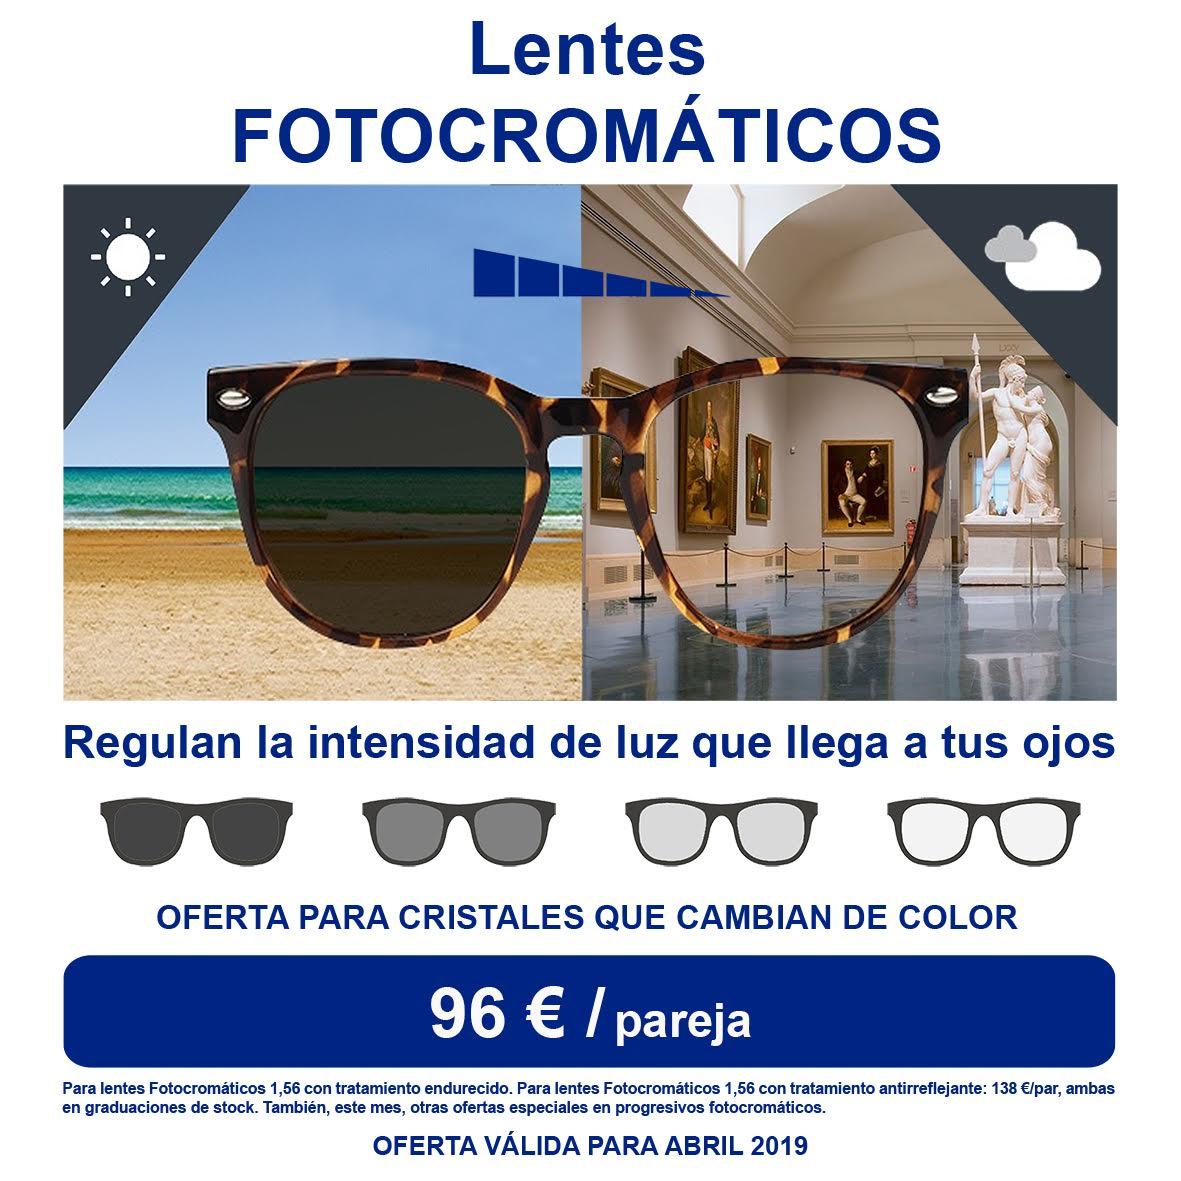 428d9a81f5 No te preocupes, en #Ópticas Rouzaut tenemos solución: #lentes  fotocromáticos que regulan intensidad de luz que llega a tus  #ojos.pic.twitter.com/9SGpZrkot1